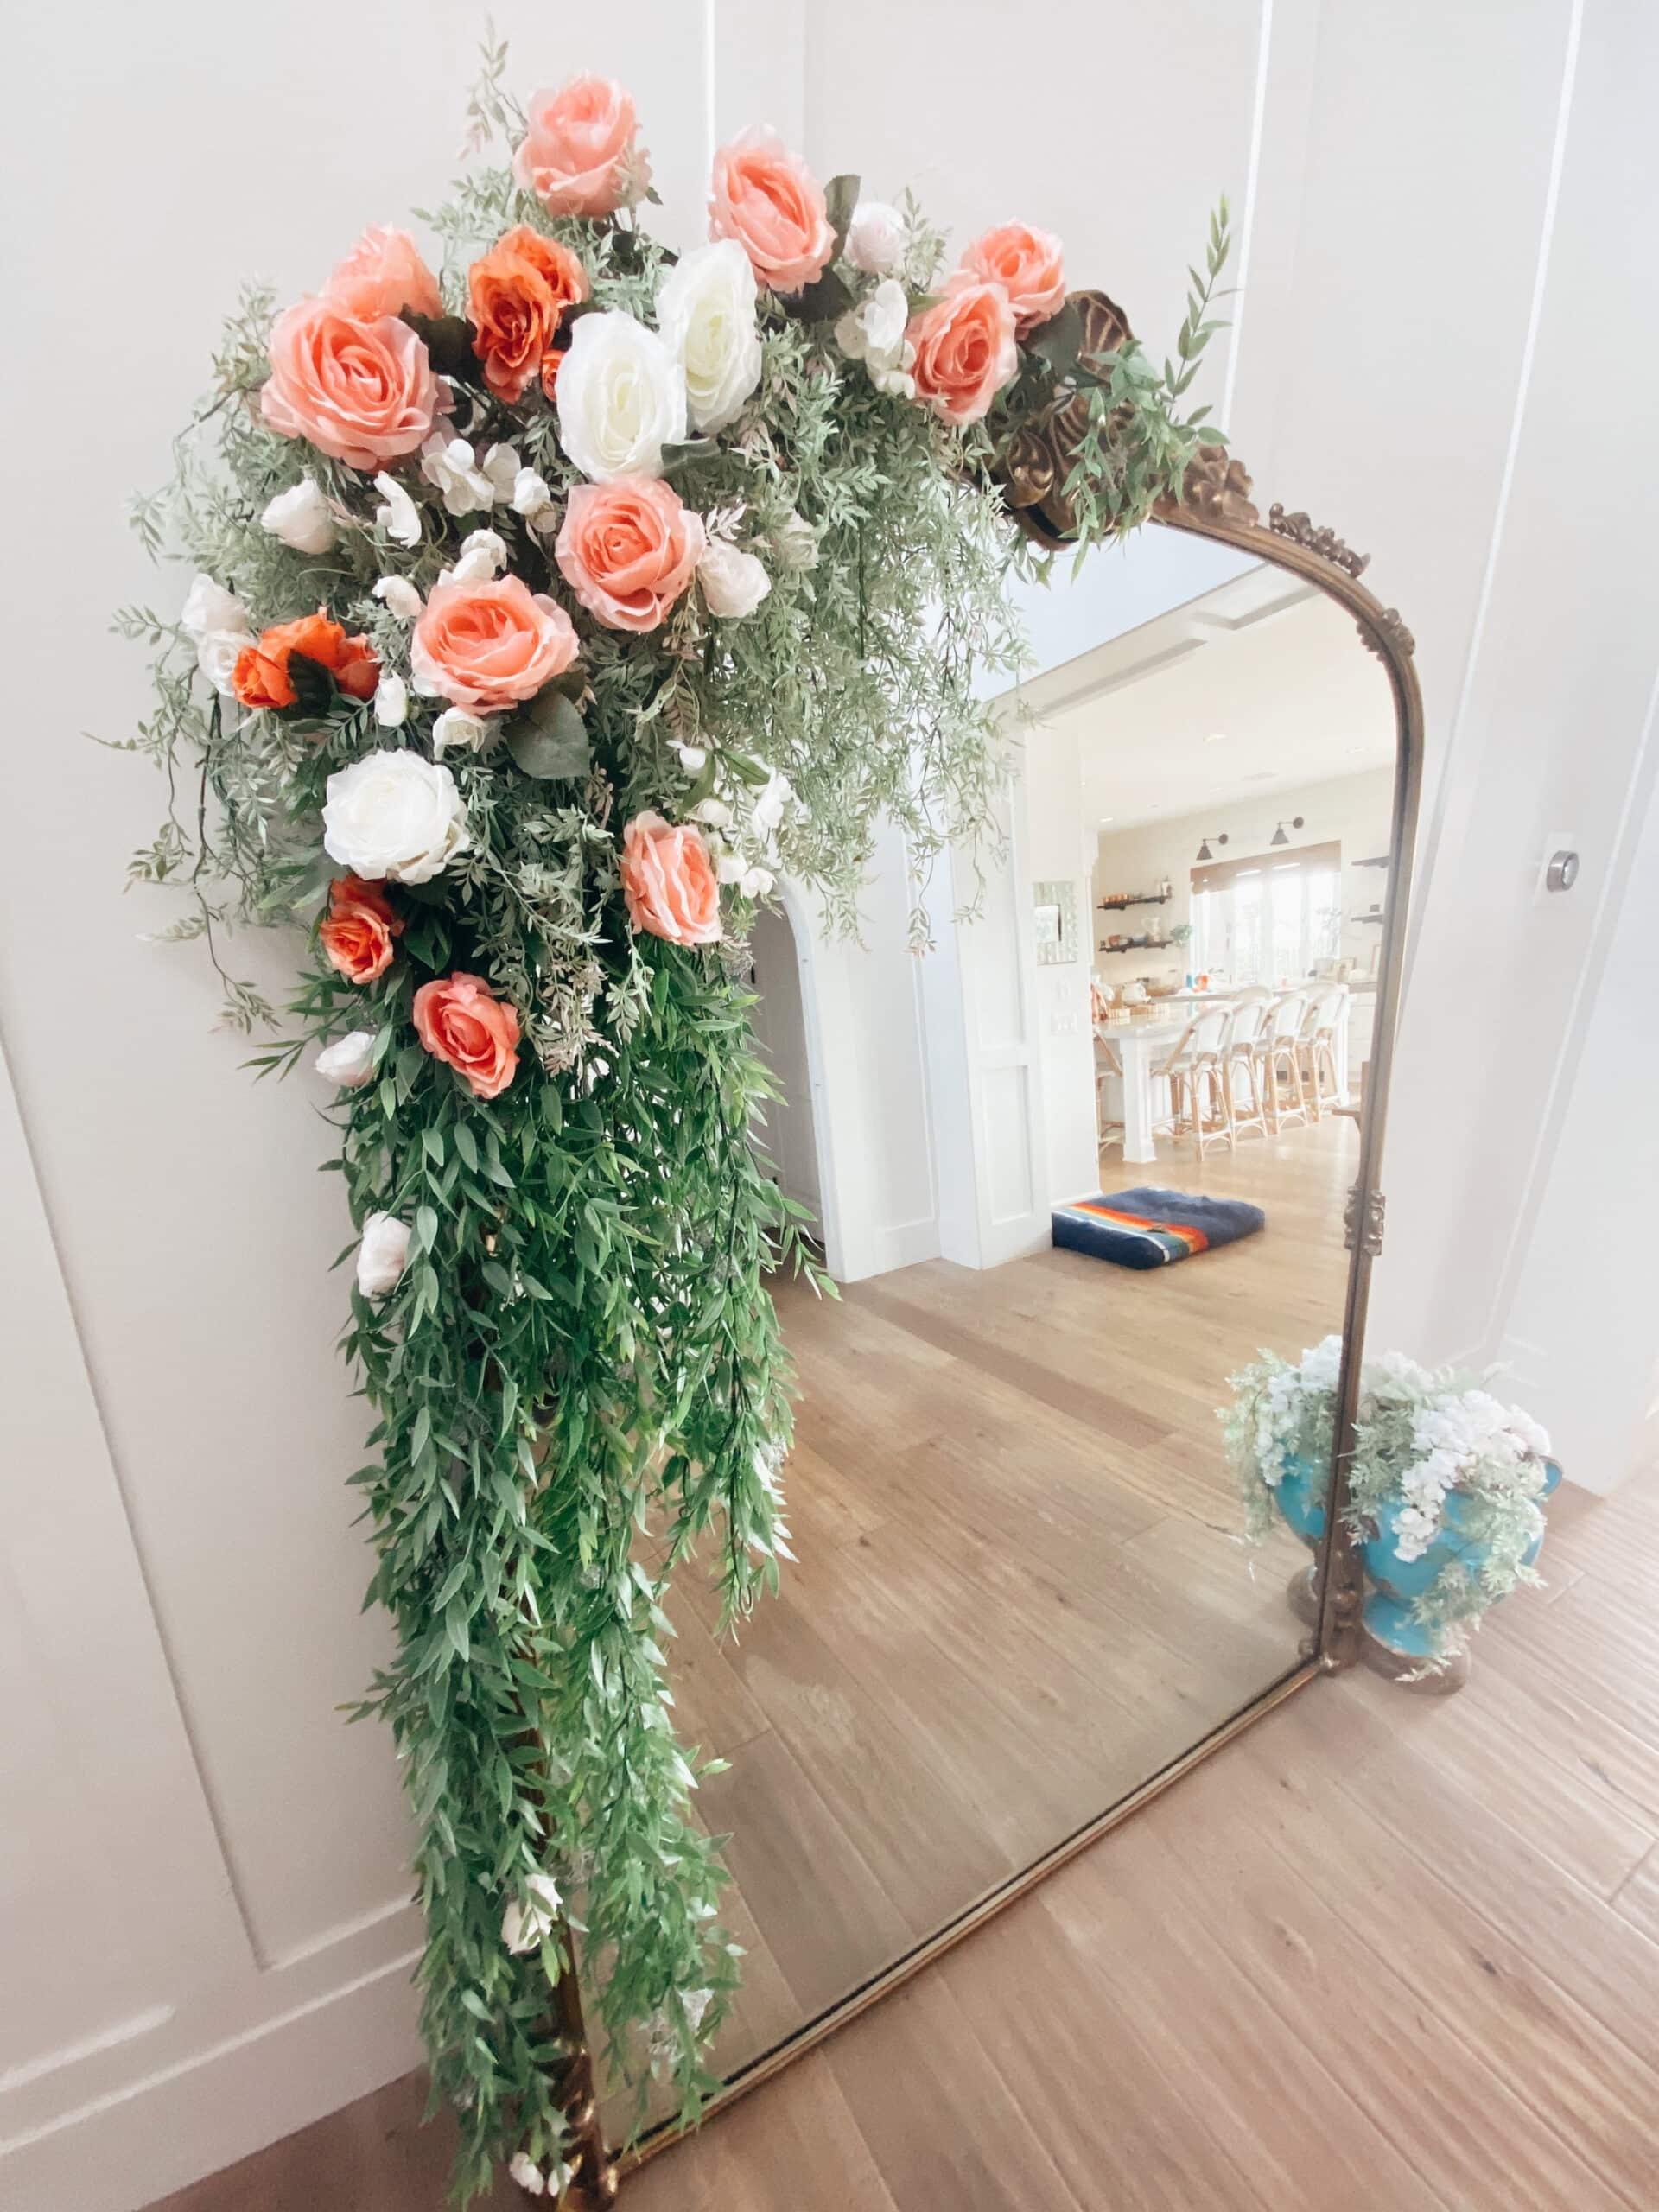 DIY dekorasi floral Cermin dengan aksen floral